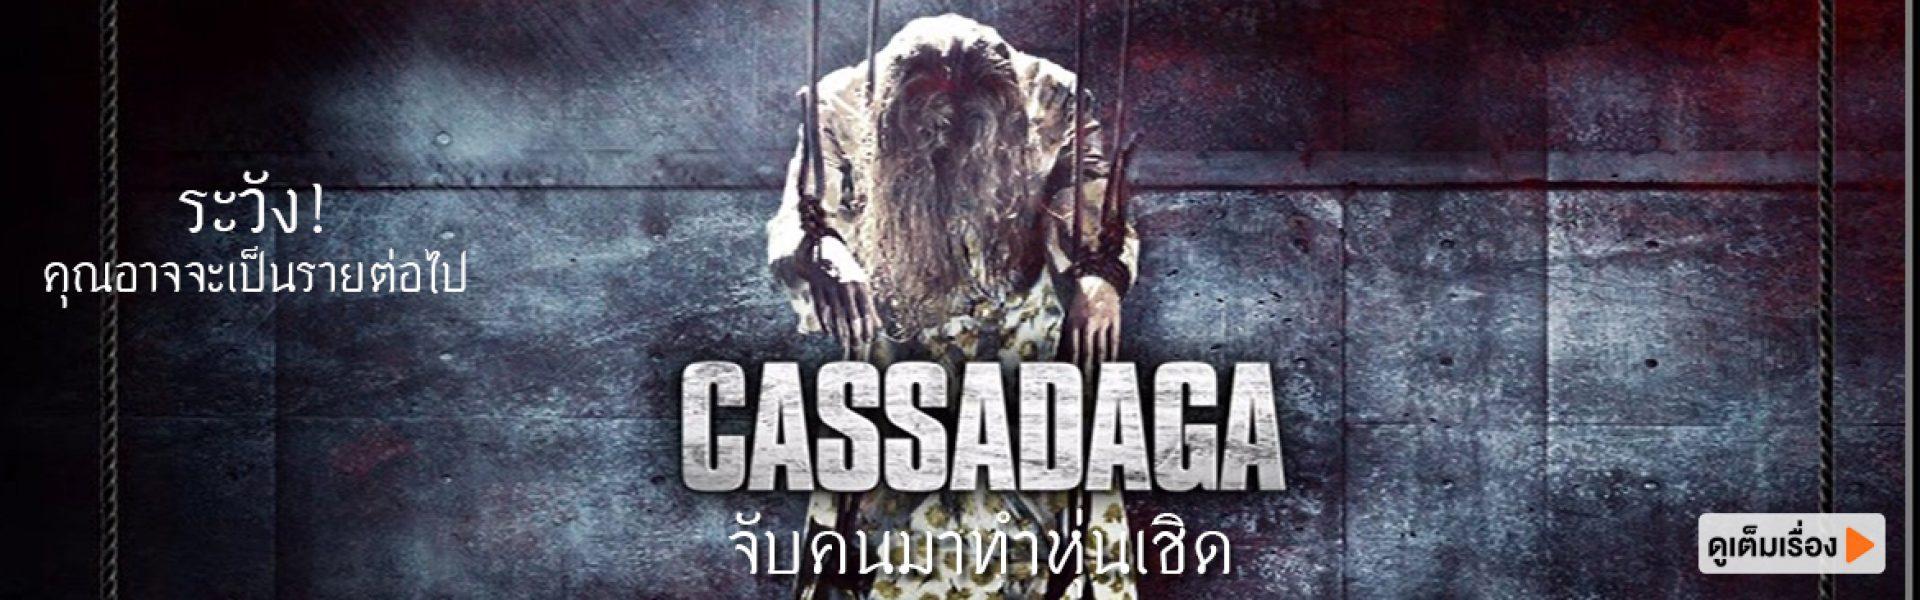 จับคนมาทำหุ่นเชิด Cassadaga (หนังเต็มเรื่อง)